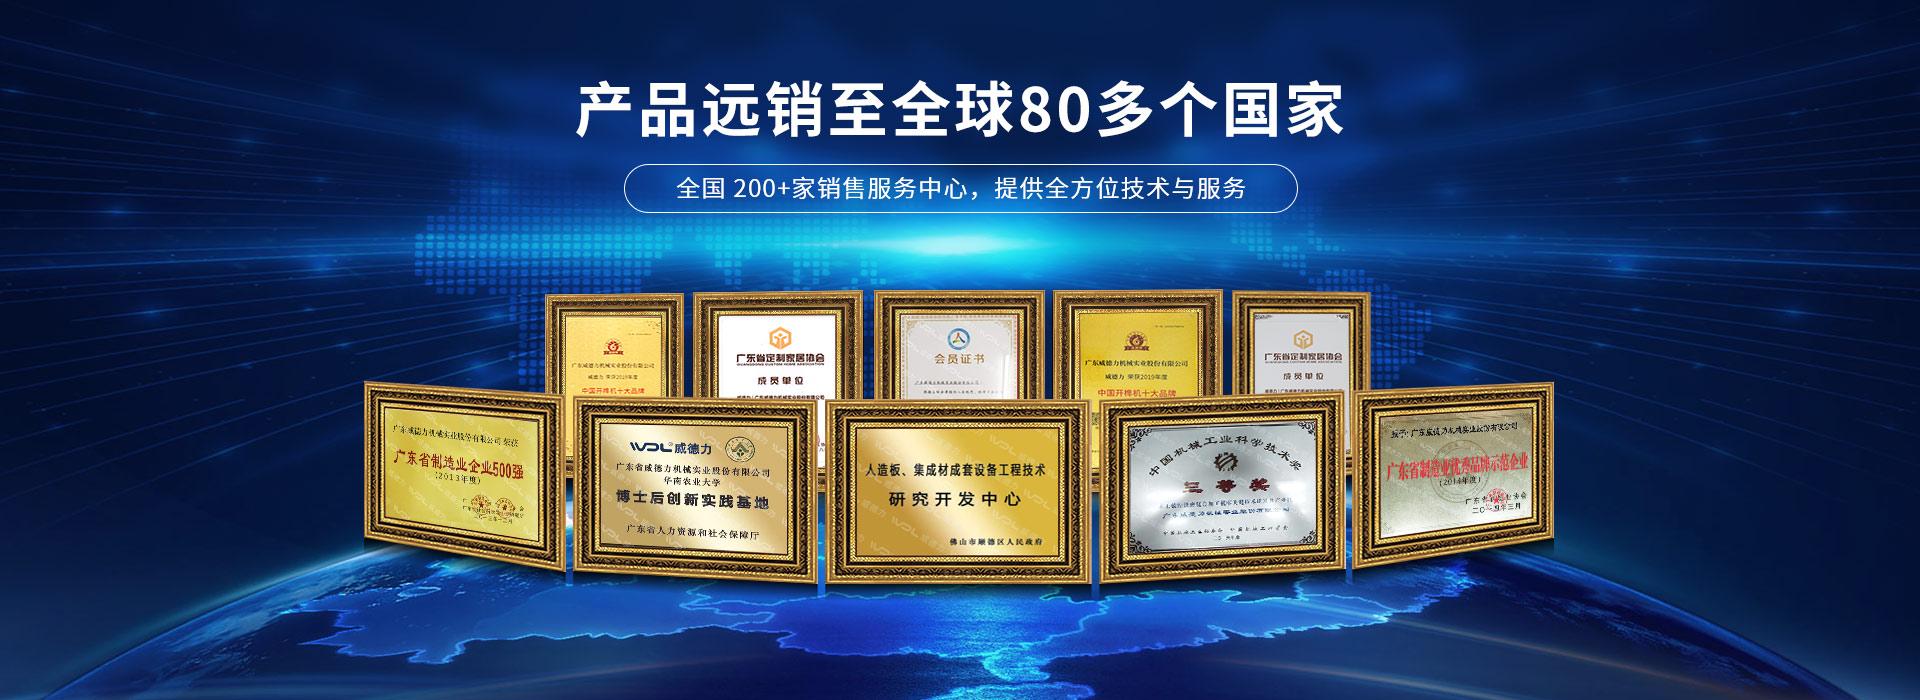 威德力-产品远销至全球80多个国家